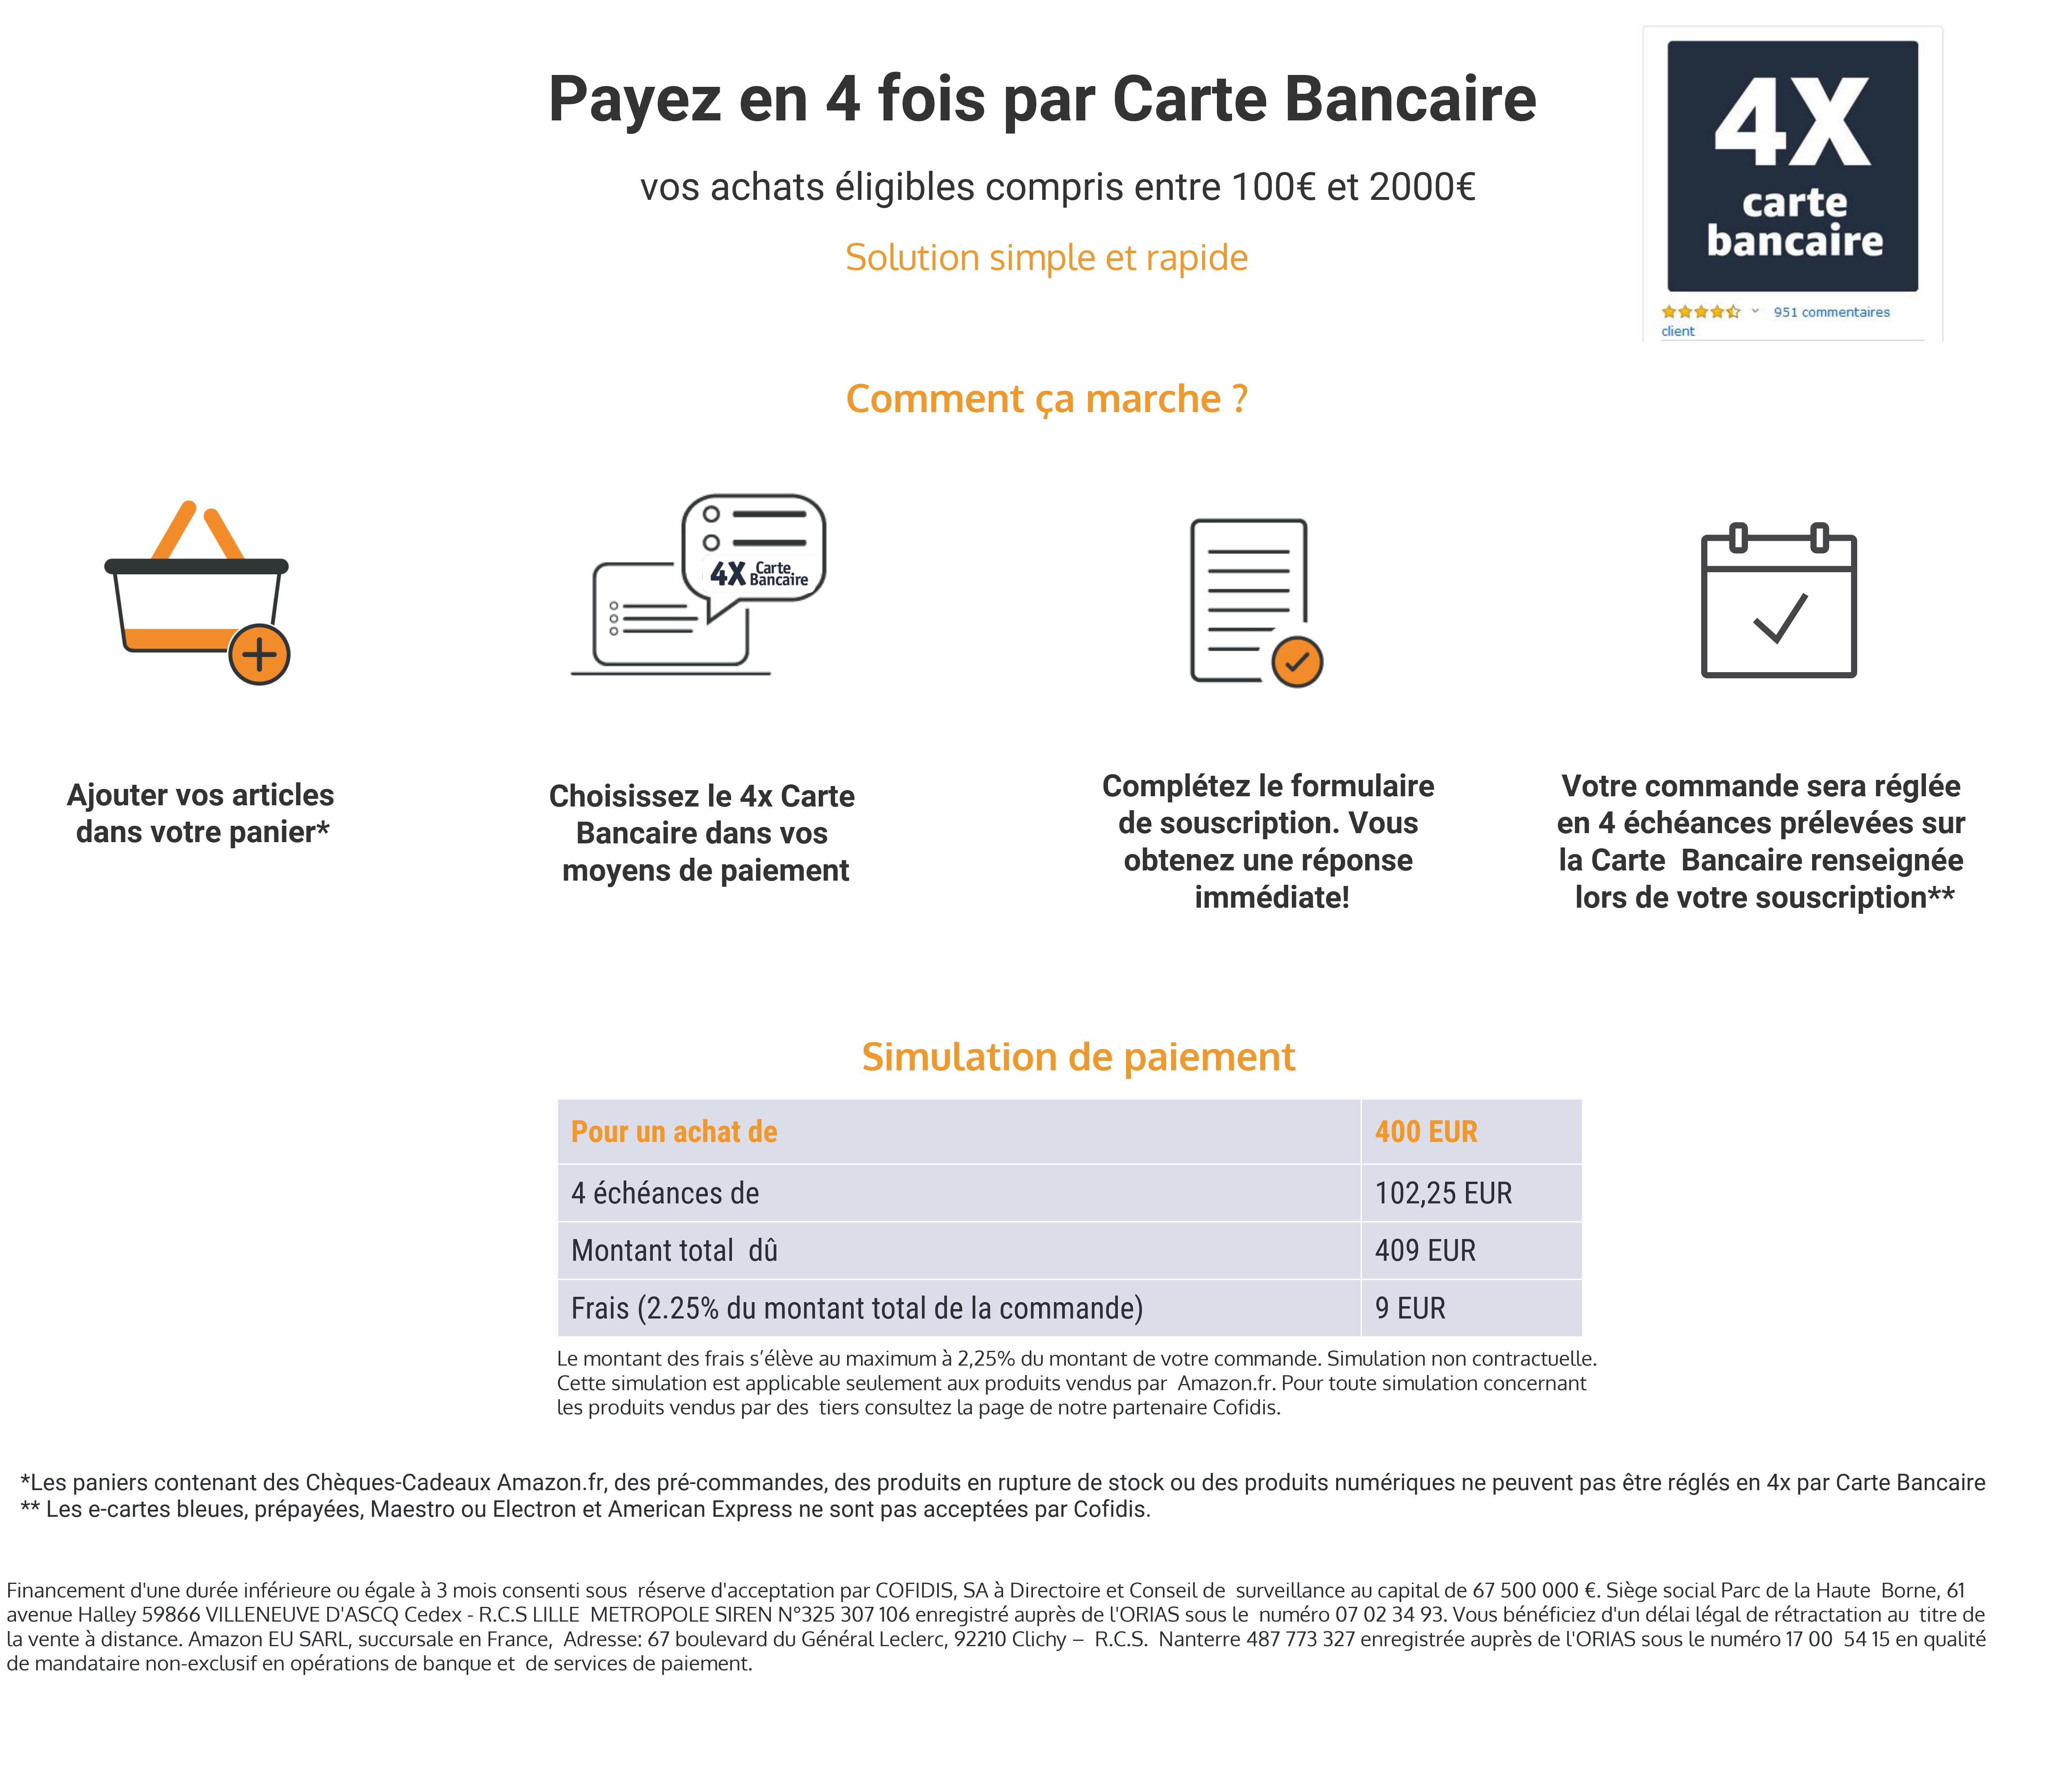 payer en plusieur fois par carte bancaire